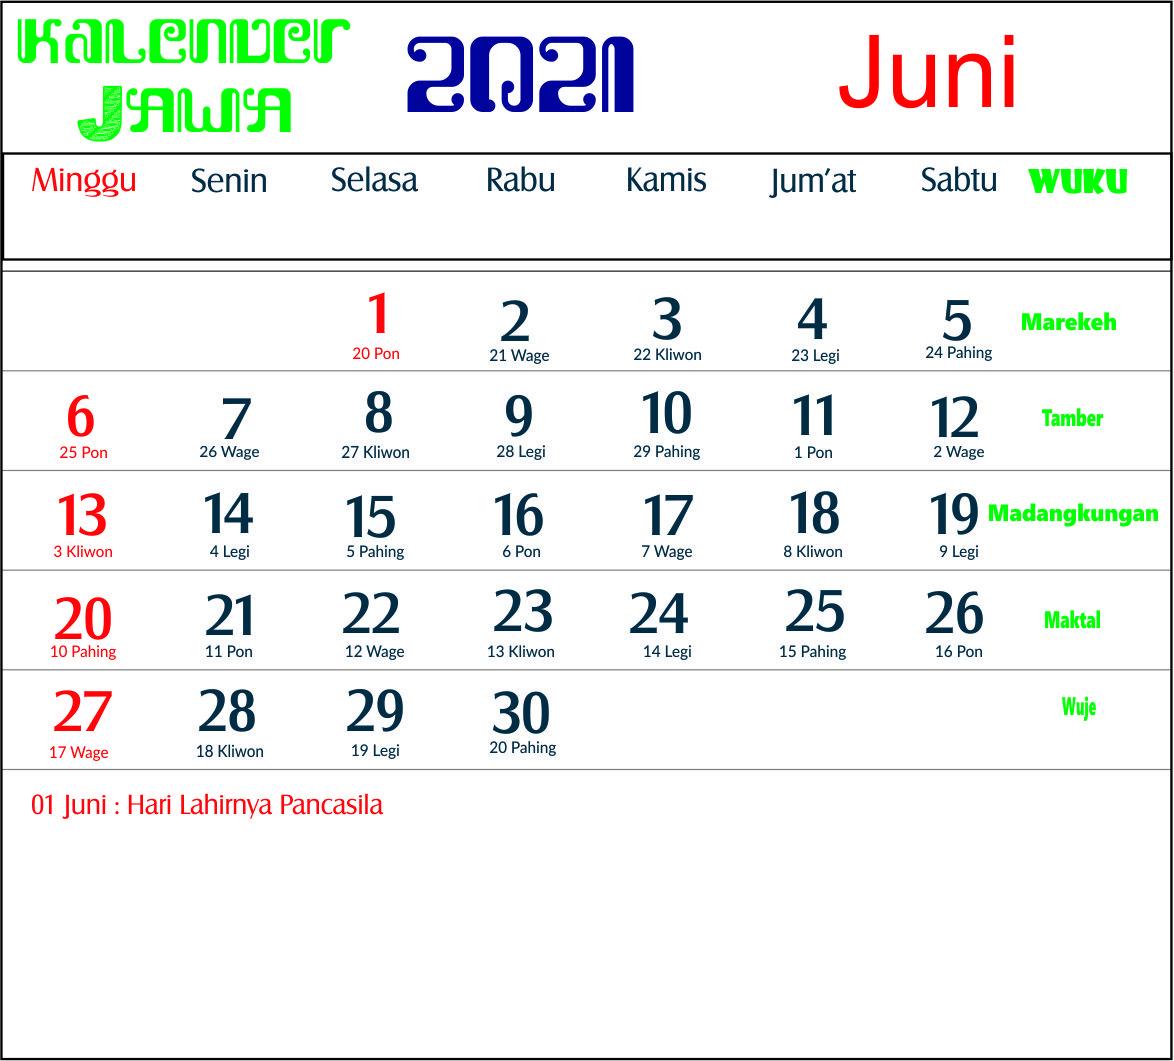 Kalender 2021 Indonesia Jawa Lengkap 12 Bulan Hari Baik Dan Buruk